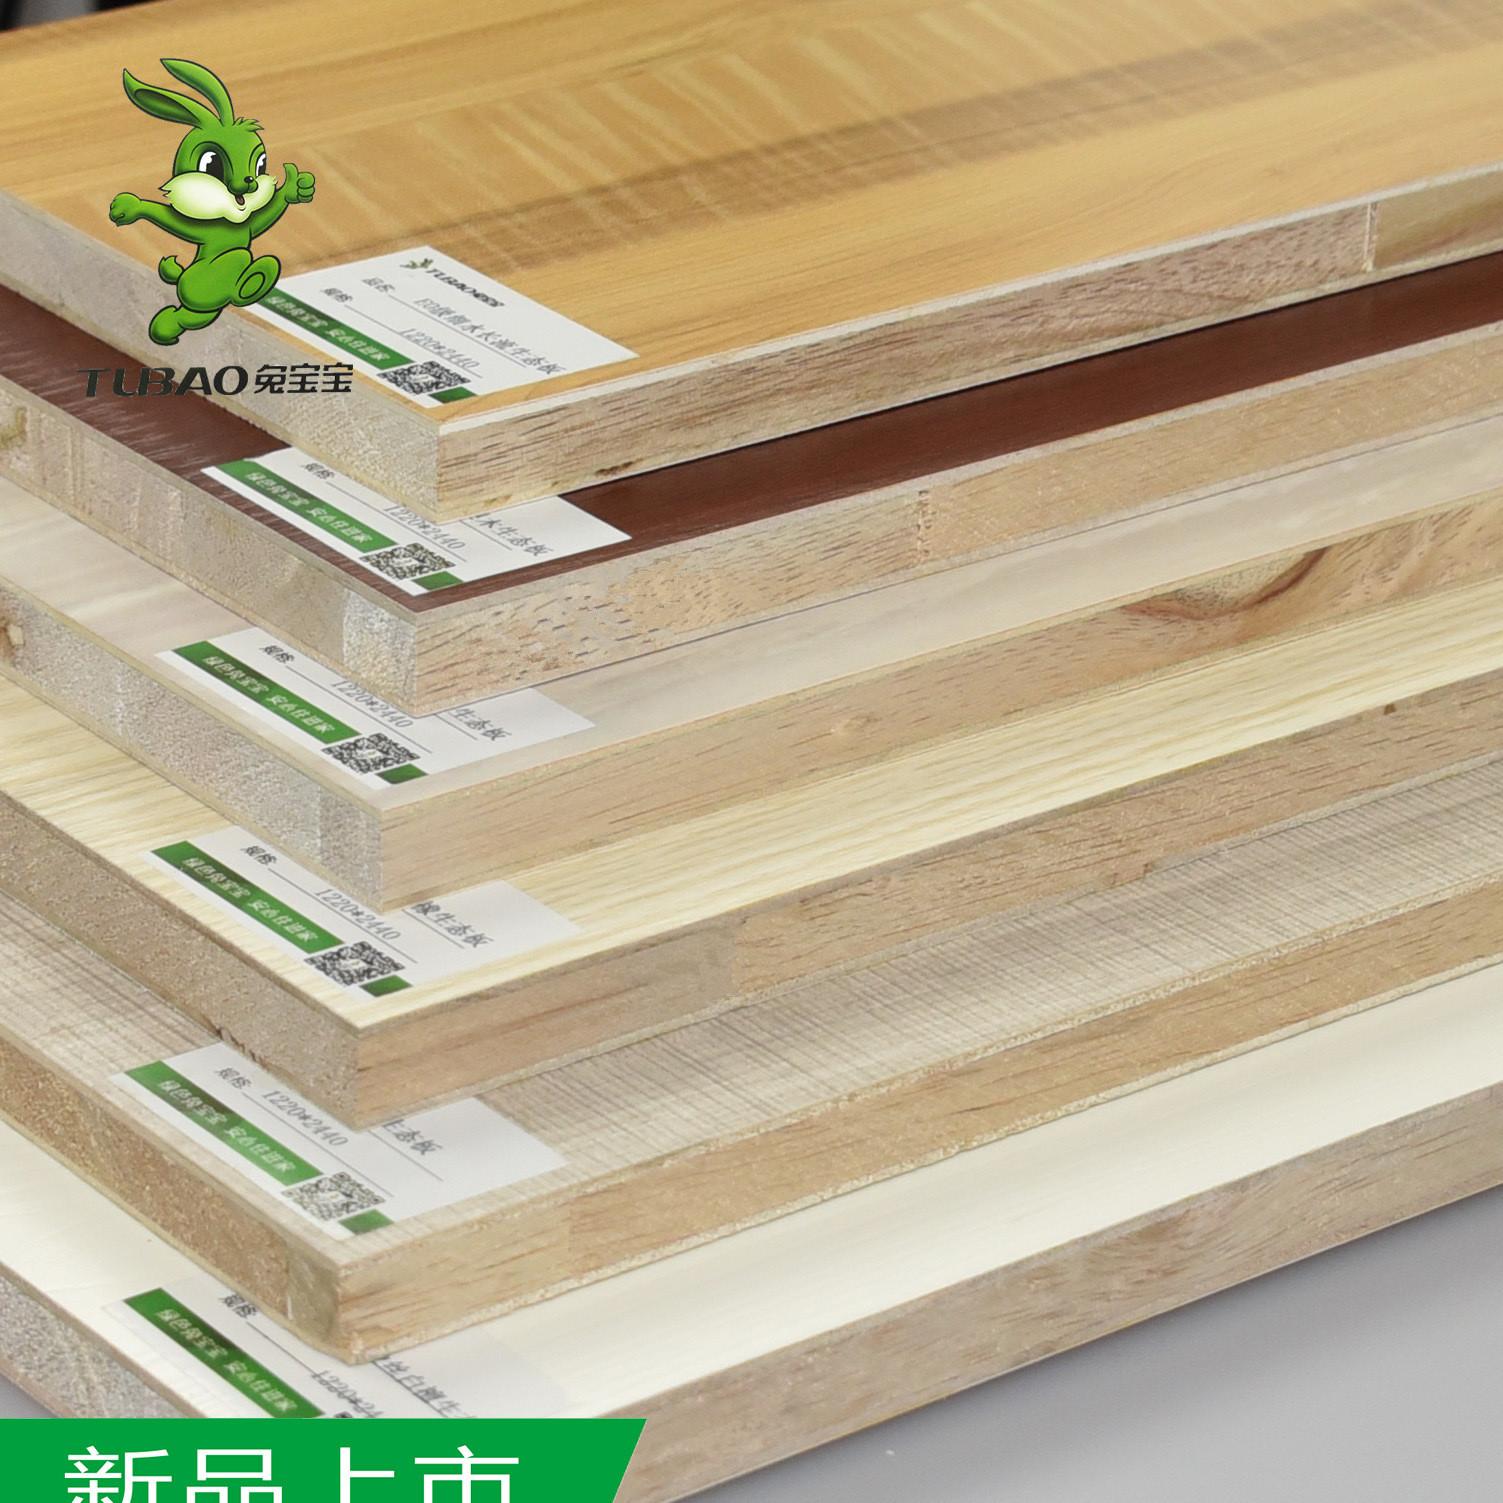 兔宝宝生态板 E0级环保免漆板 细木工板马六甲芯17mm 9mm